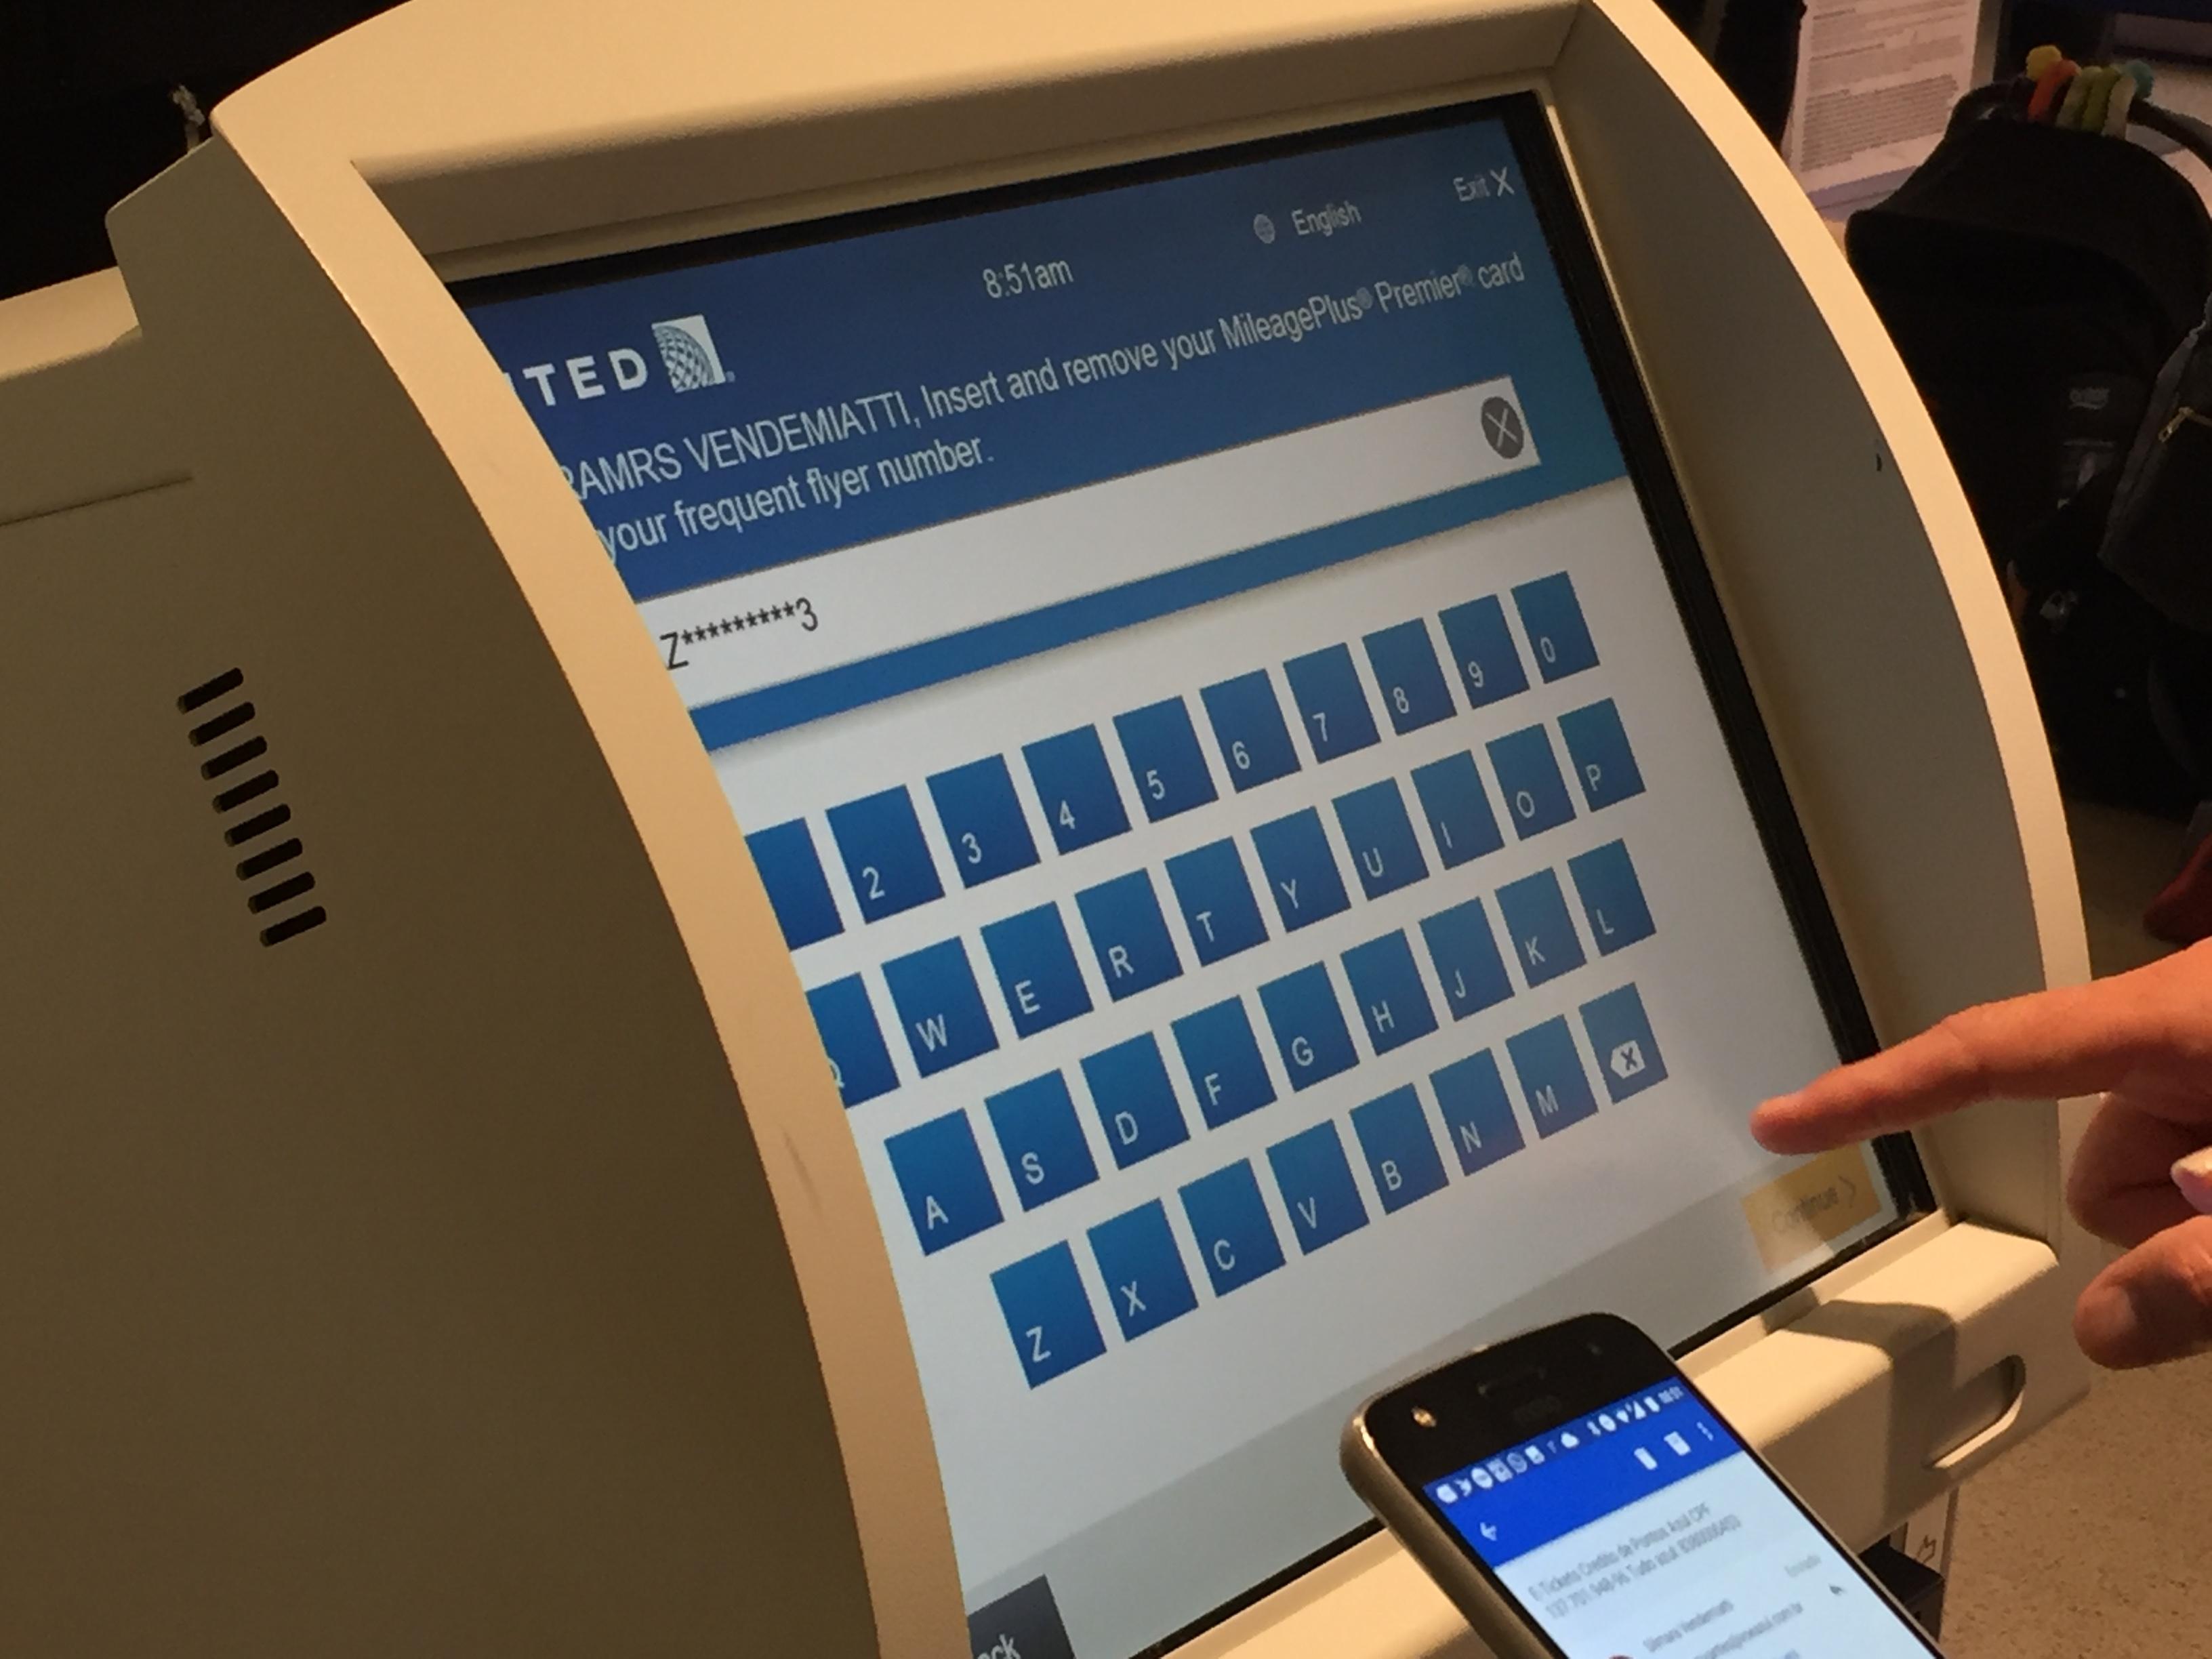 IMG 3570 - Haciendo el check in automático de United en Newark